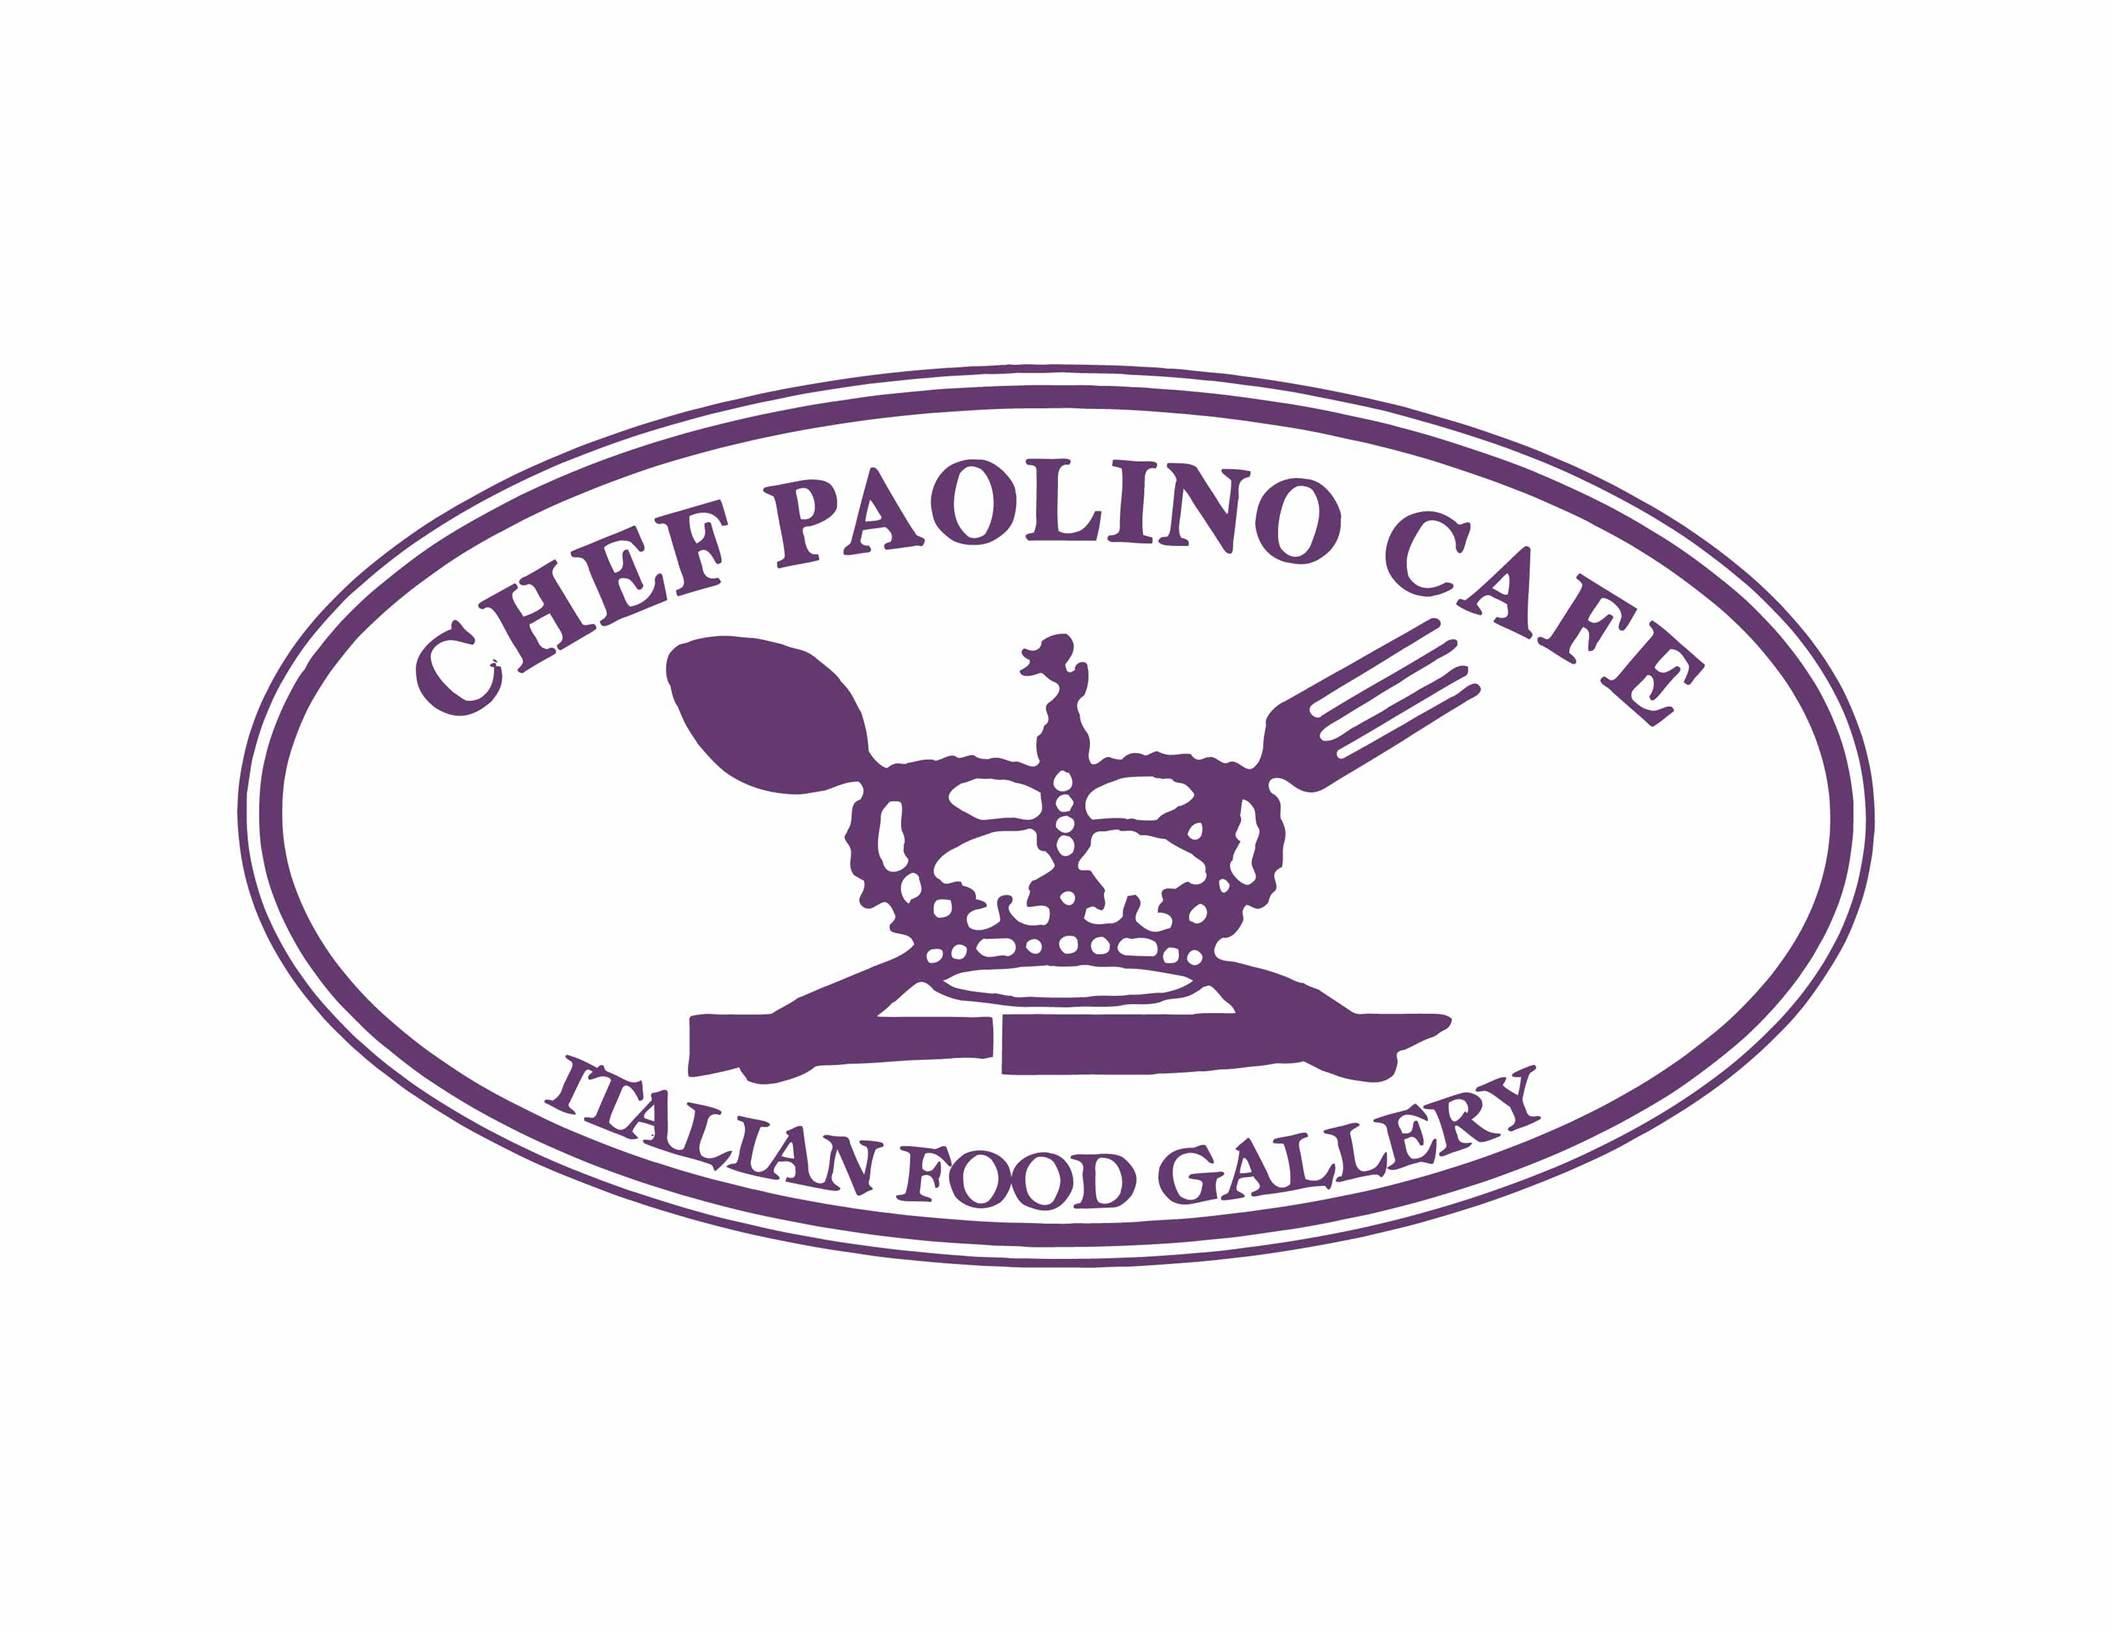 Chef Paulino